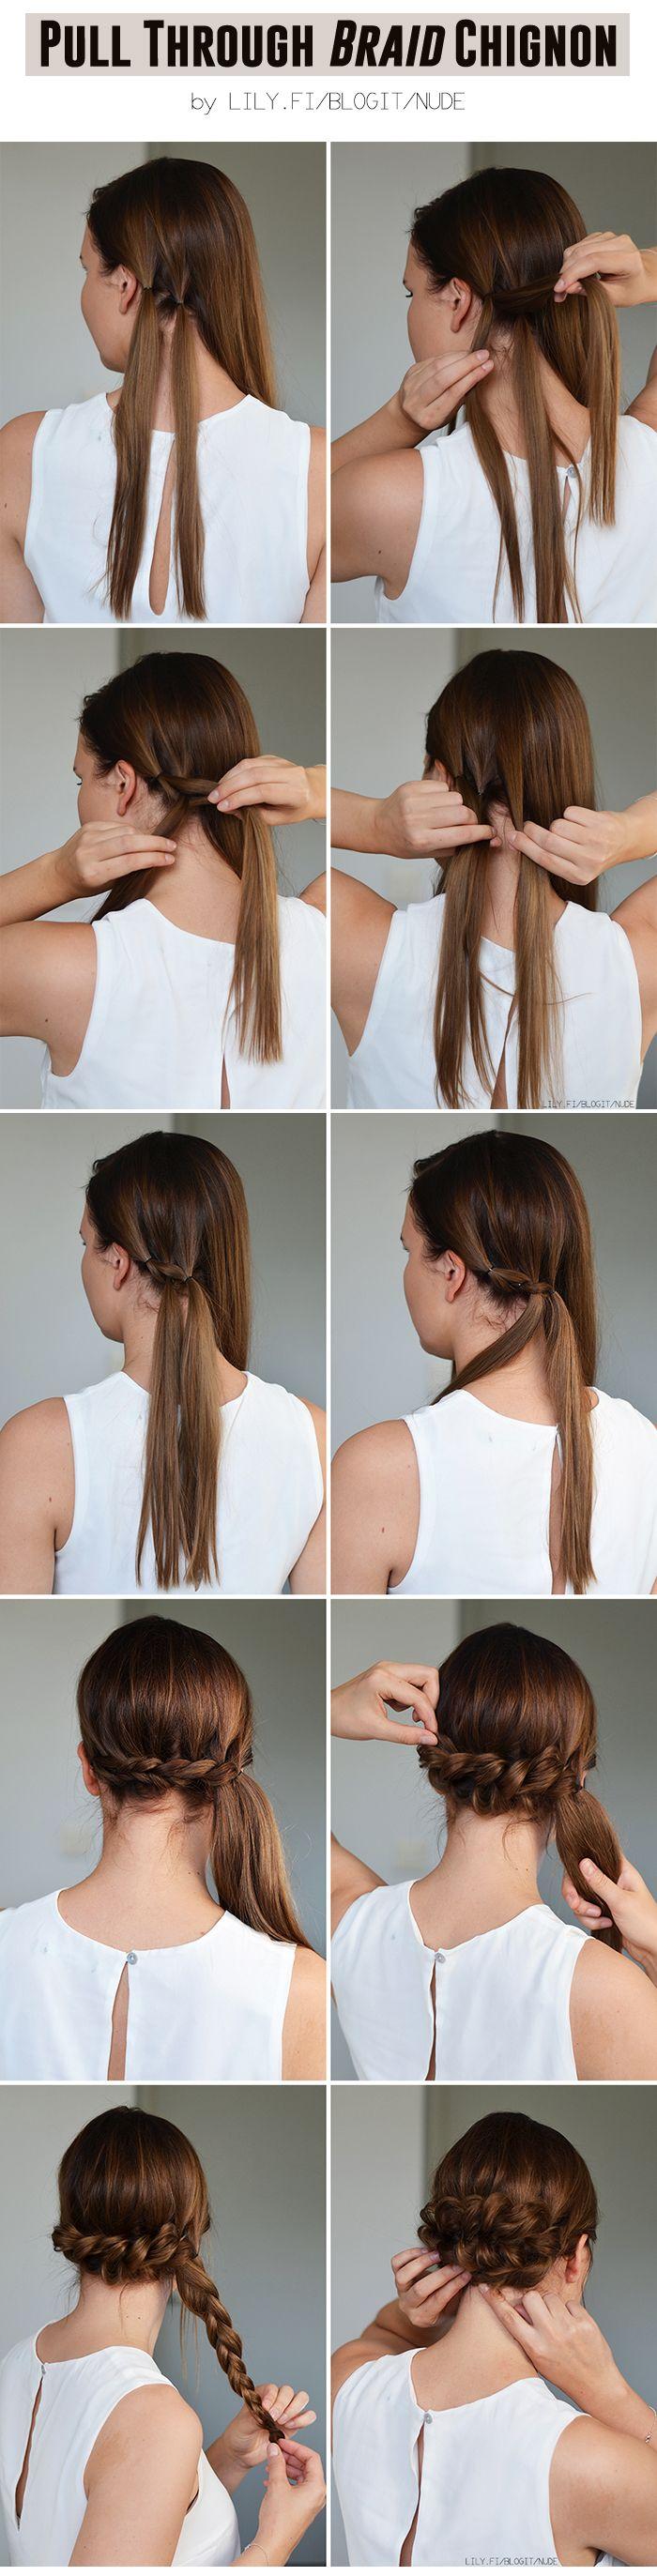 Easy braided hairstyles tutorials fishtail braid schnellerdutt